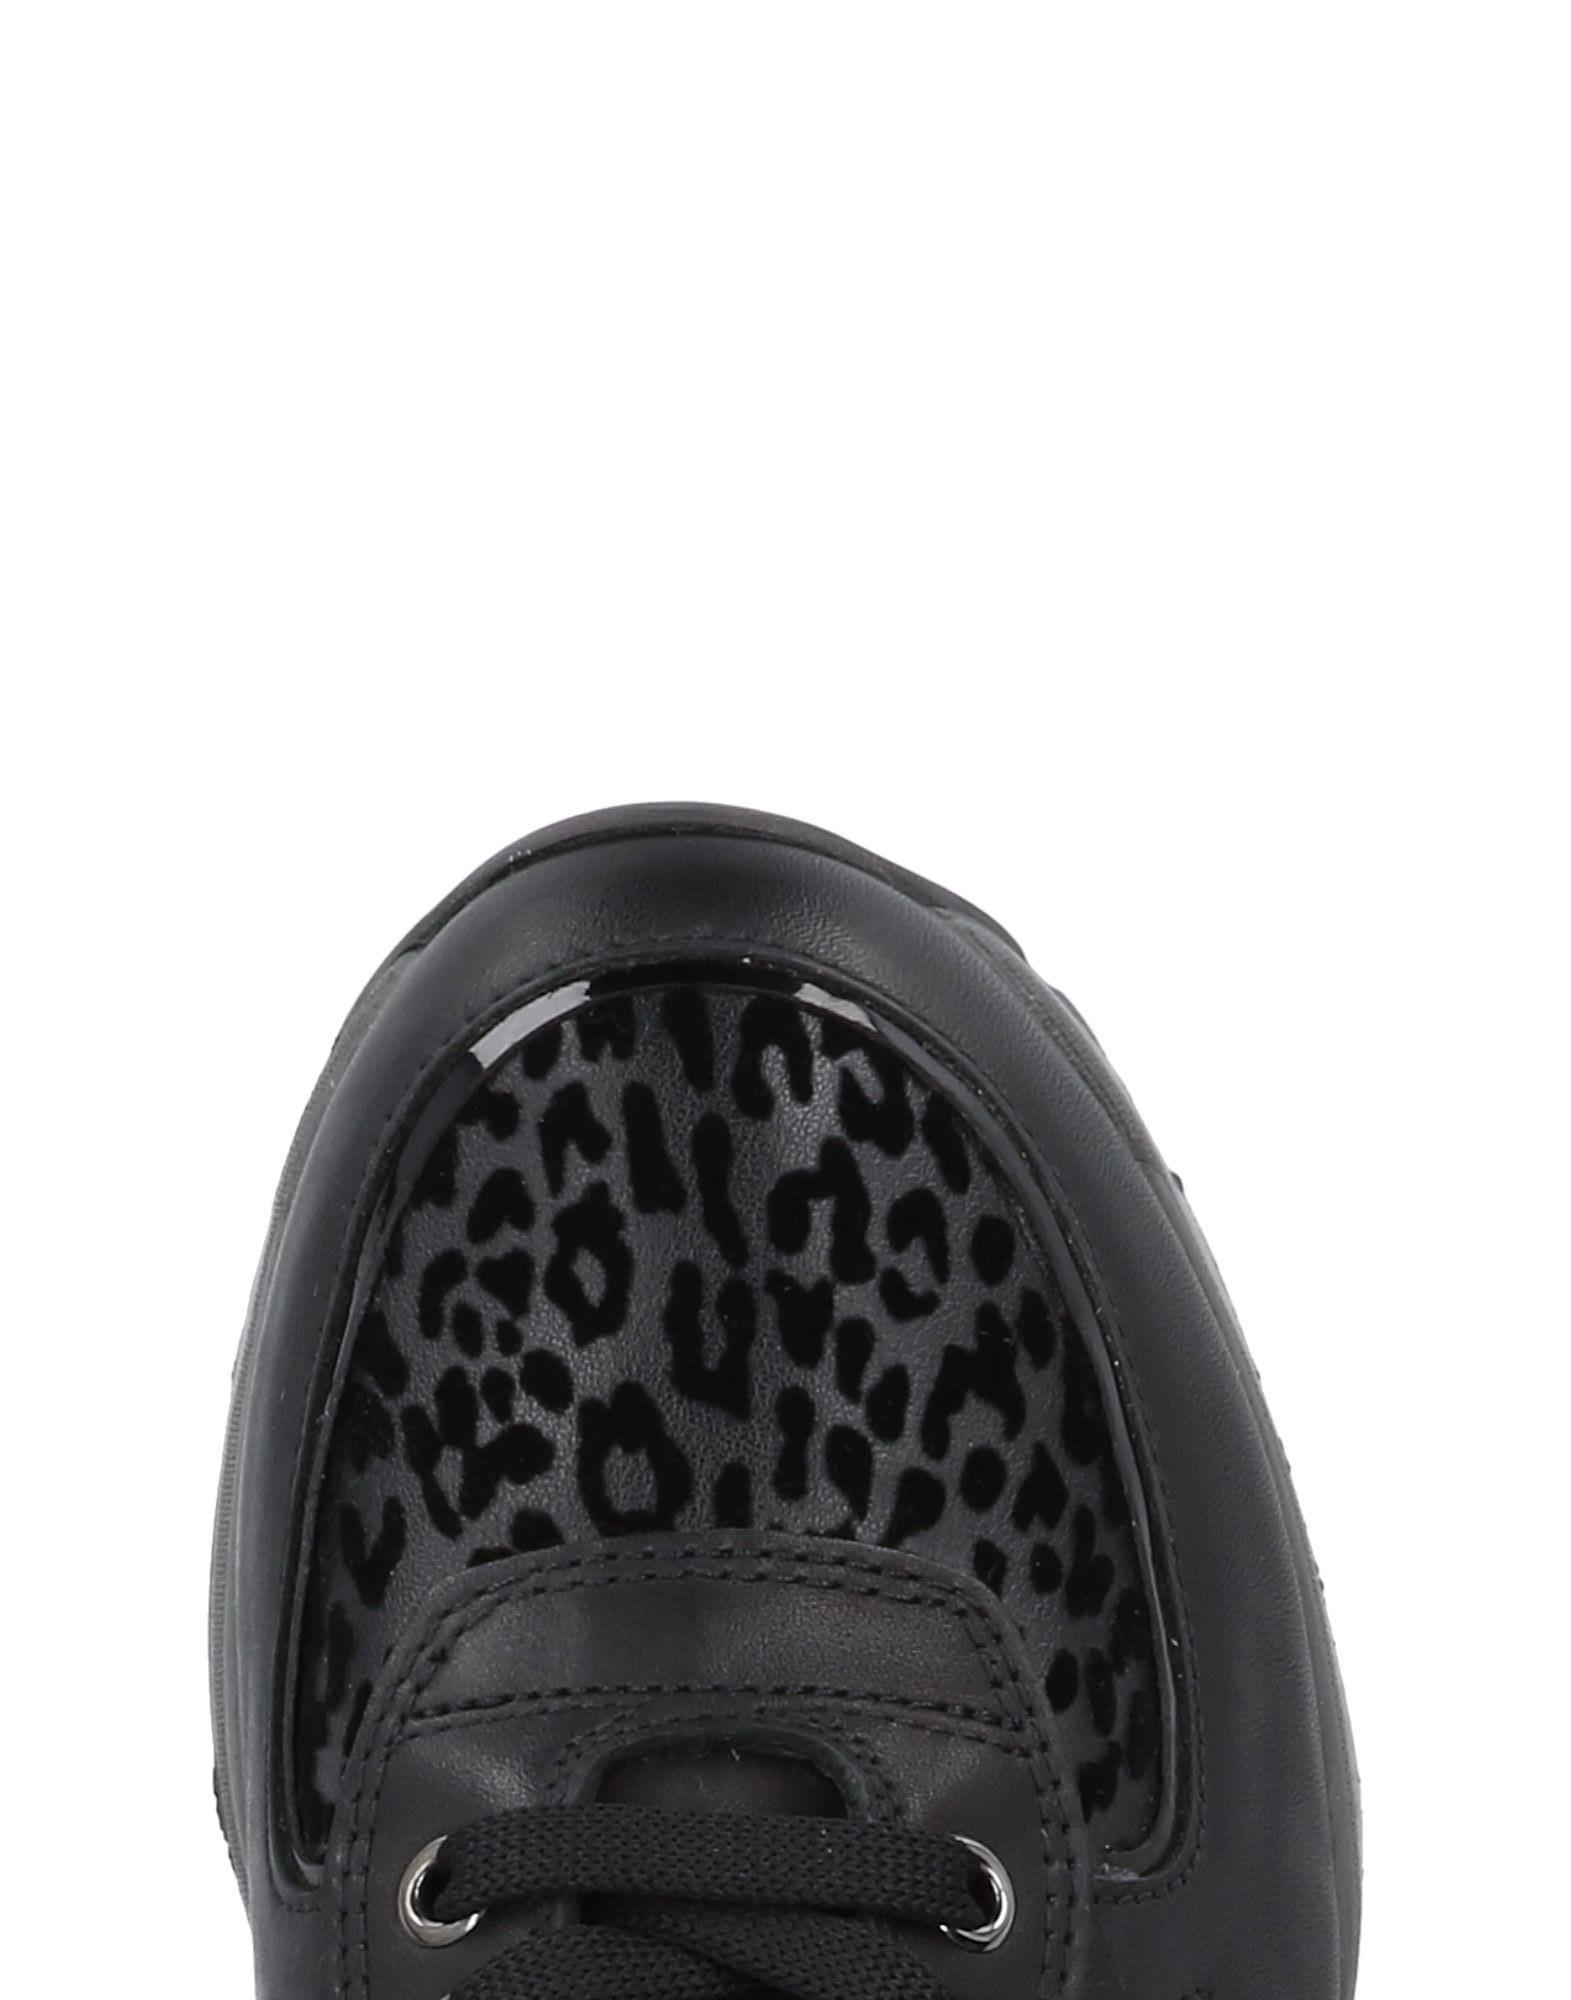 Samsonite Sneakers - Women Samsonite Sneakers online on    United Kingdom - 11468320TM 1b652a